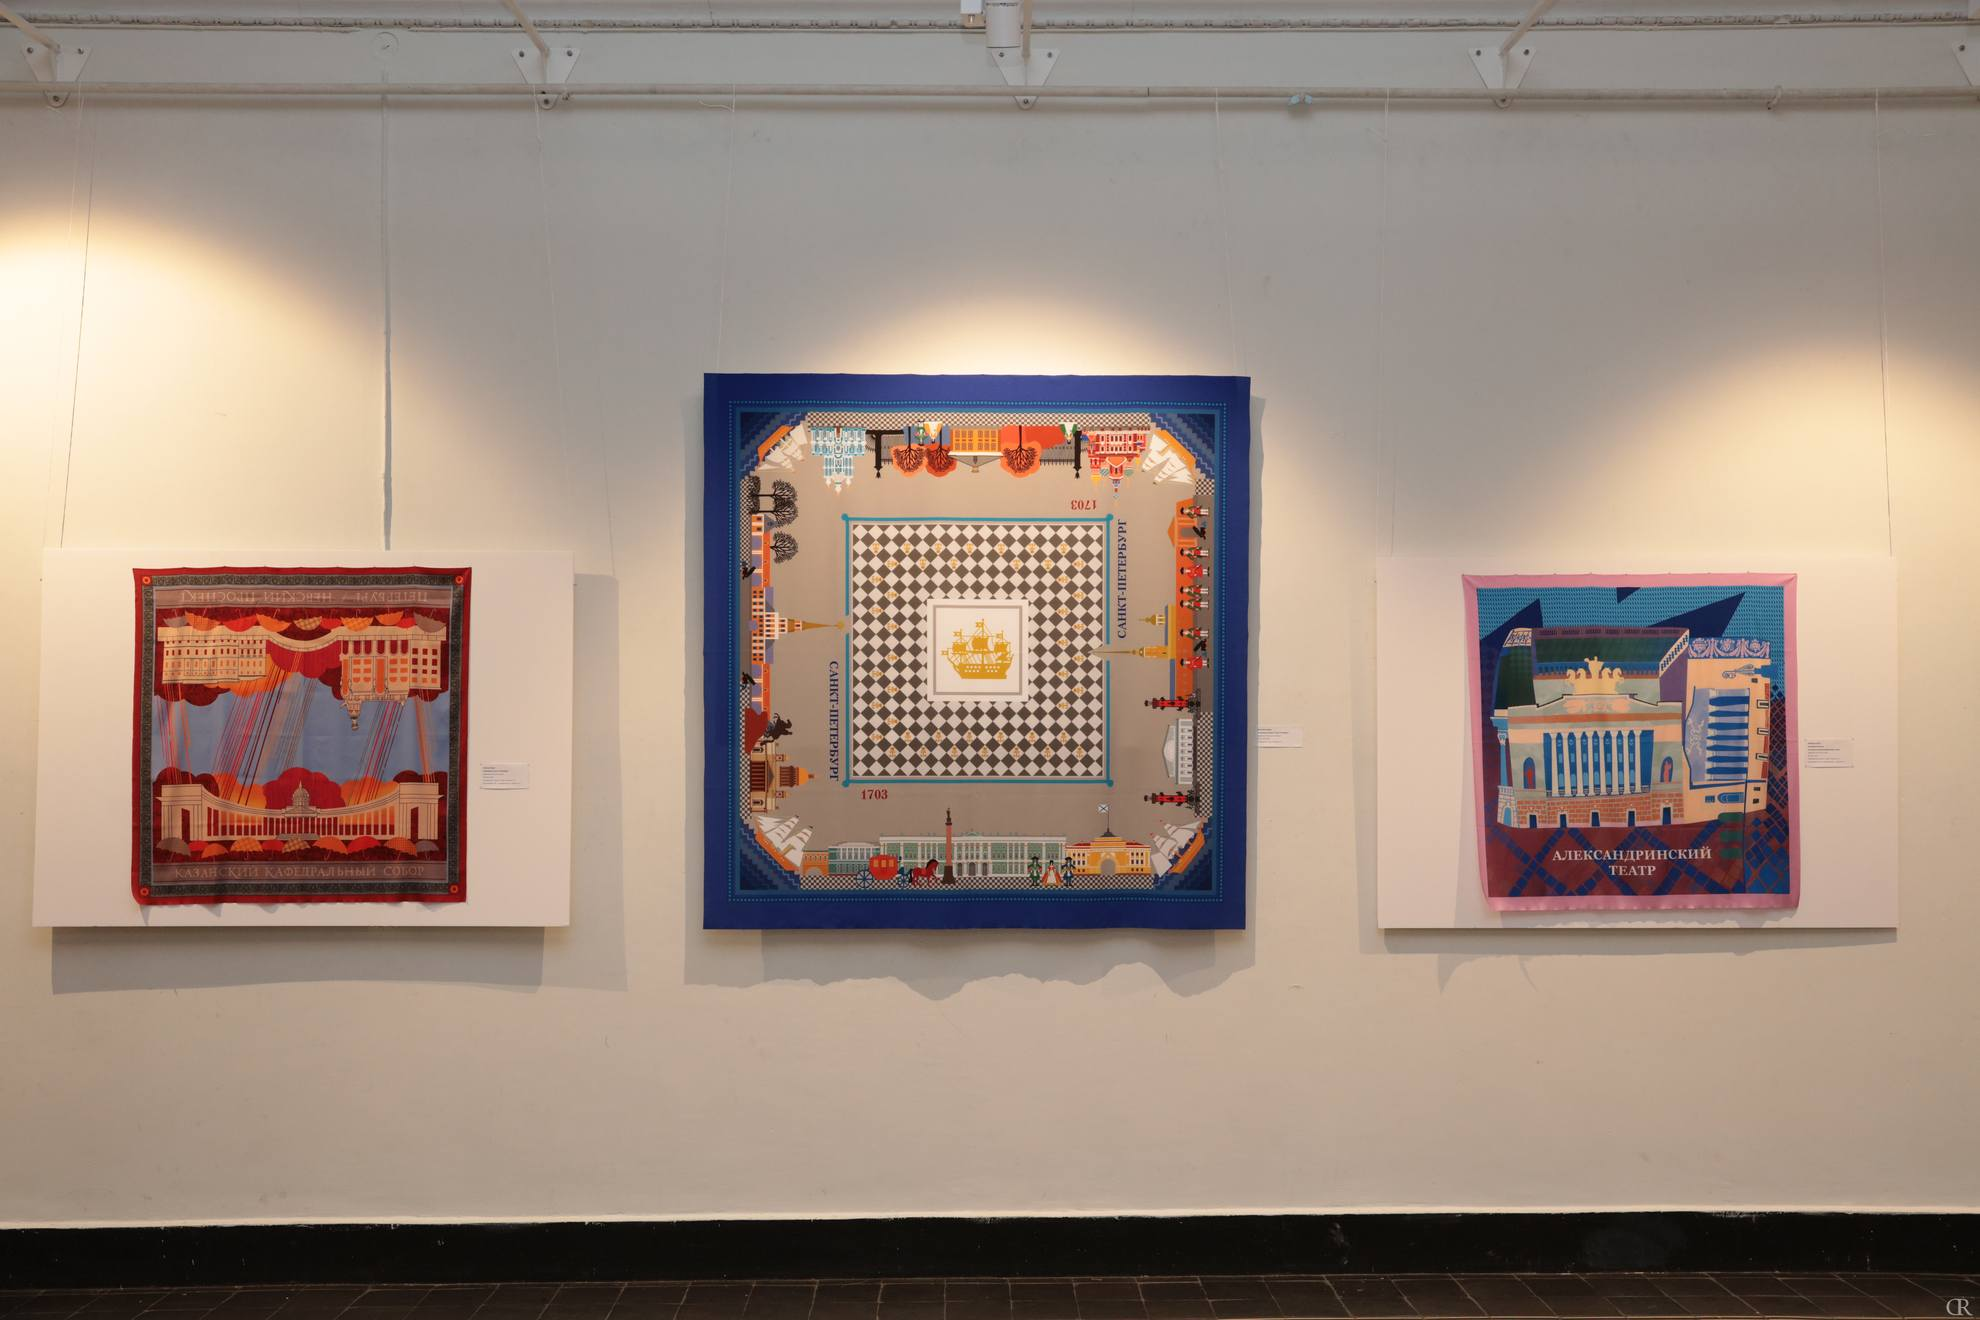 Выставка-конкурс студенческих работ «Сувенир сегодня»